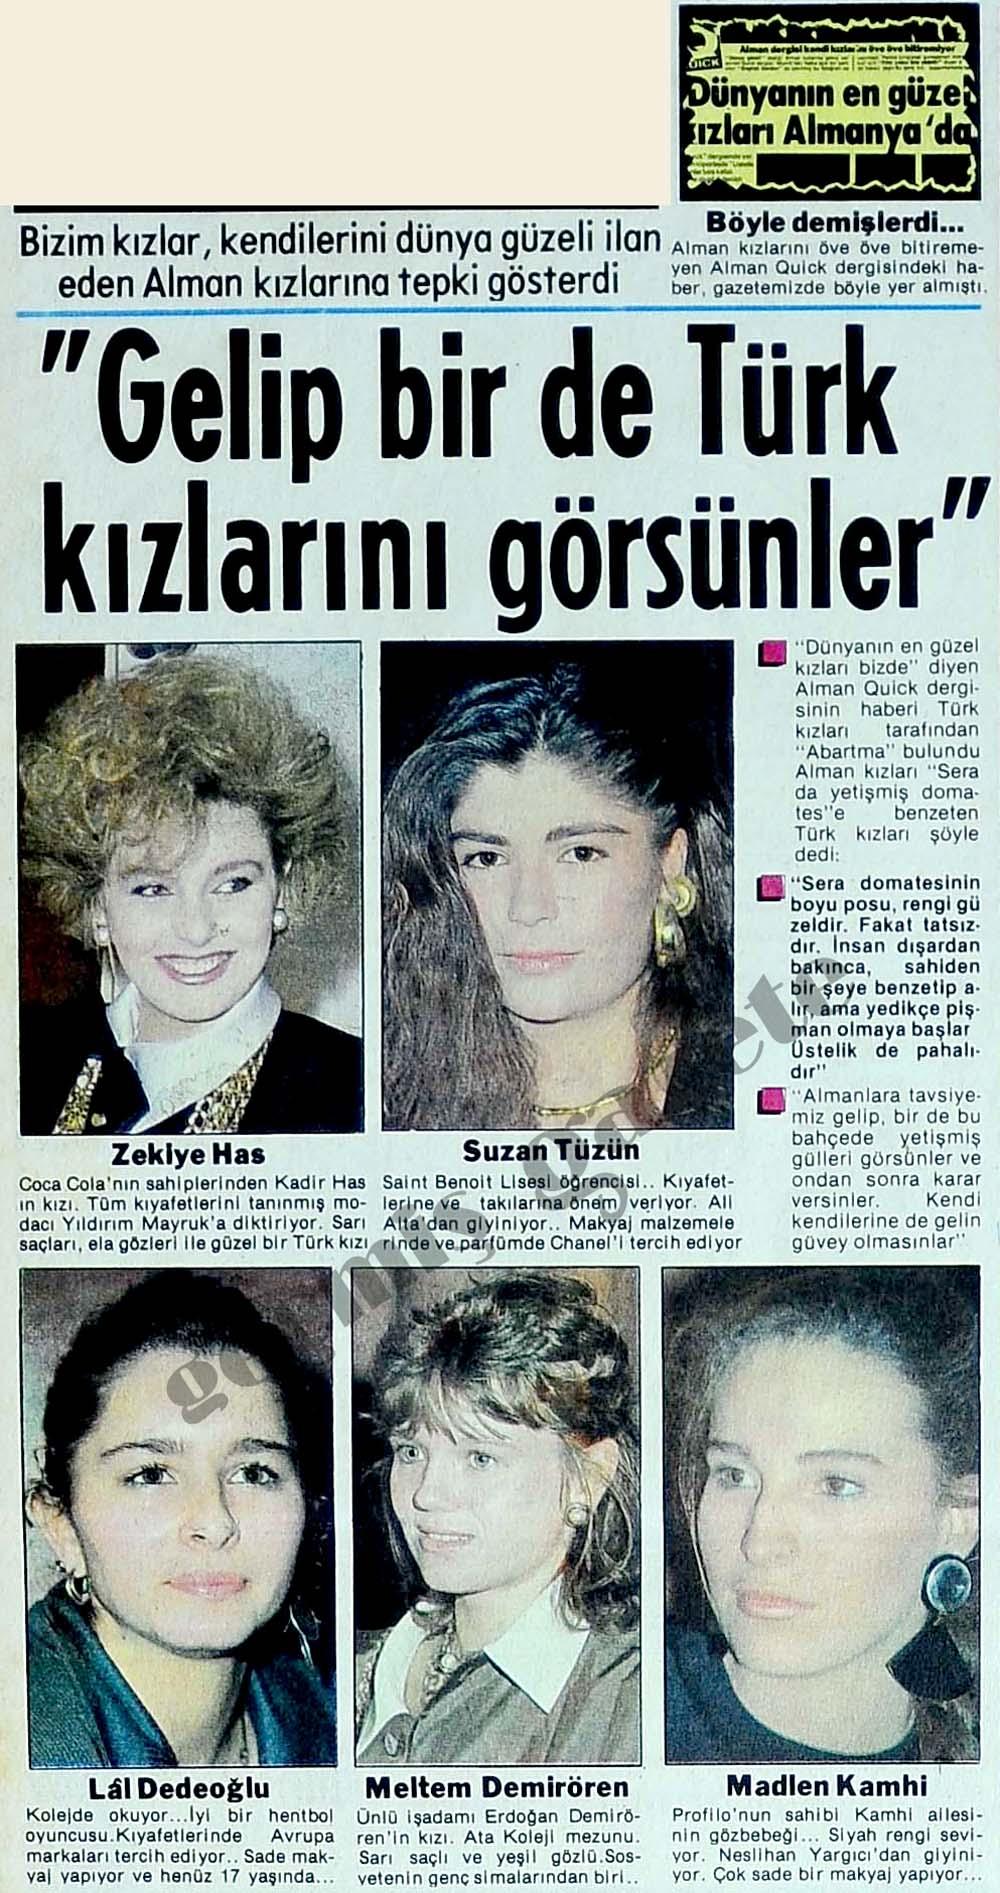 Türk kızlarını görsünler